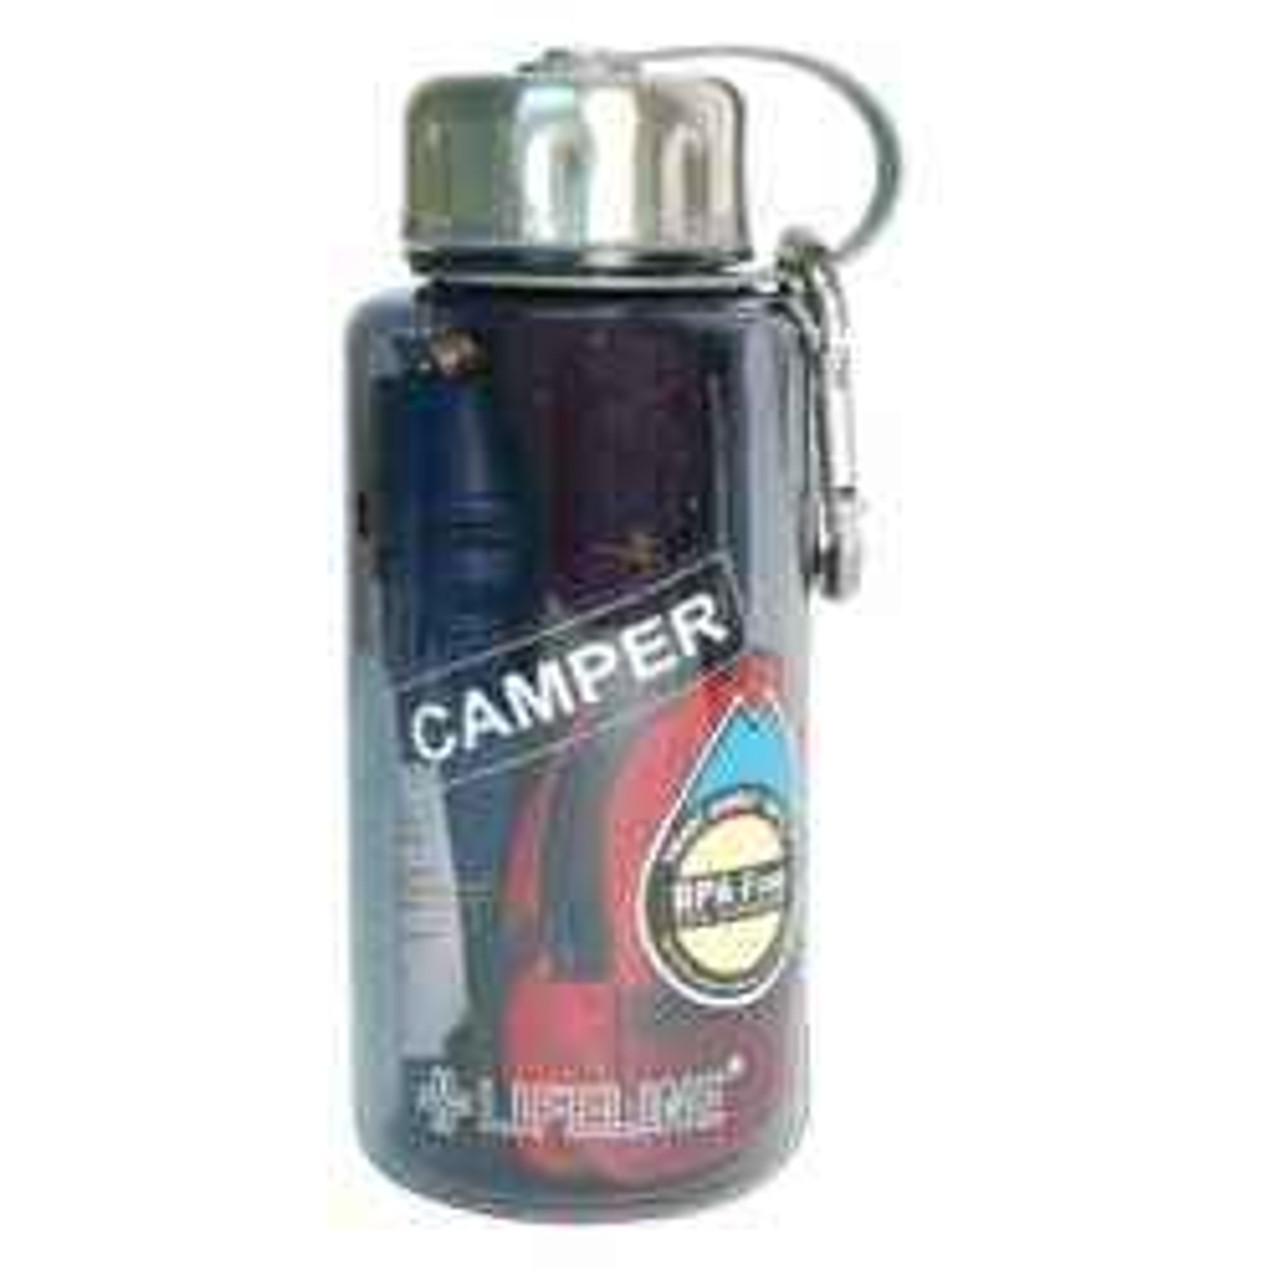 LifeLine Camper in a Bottle